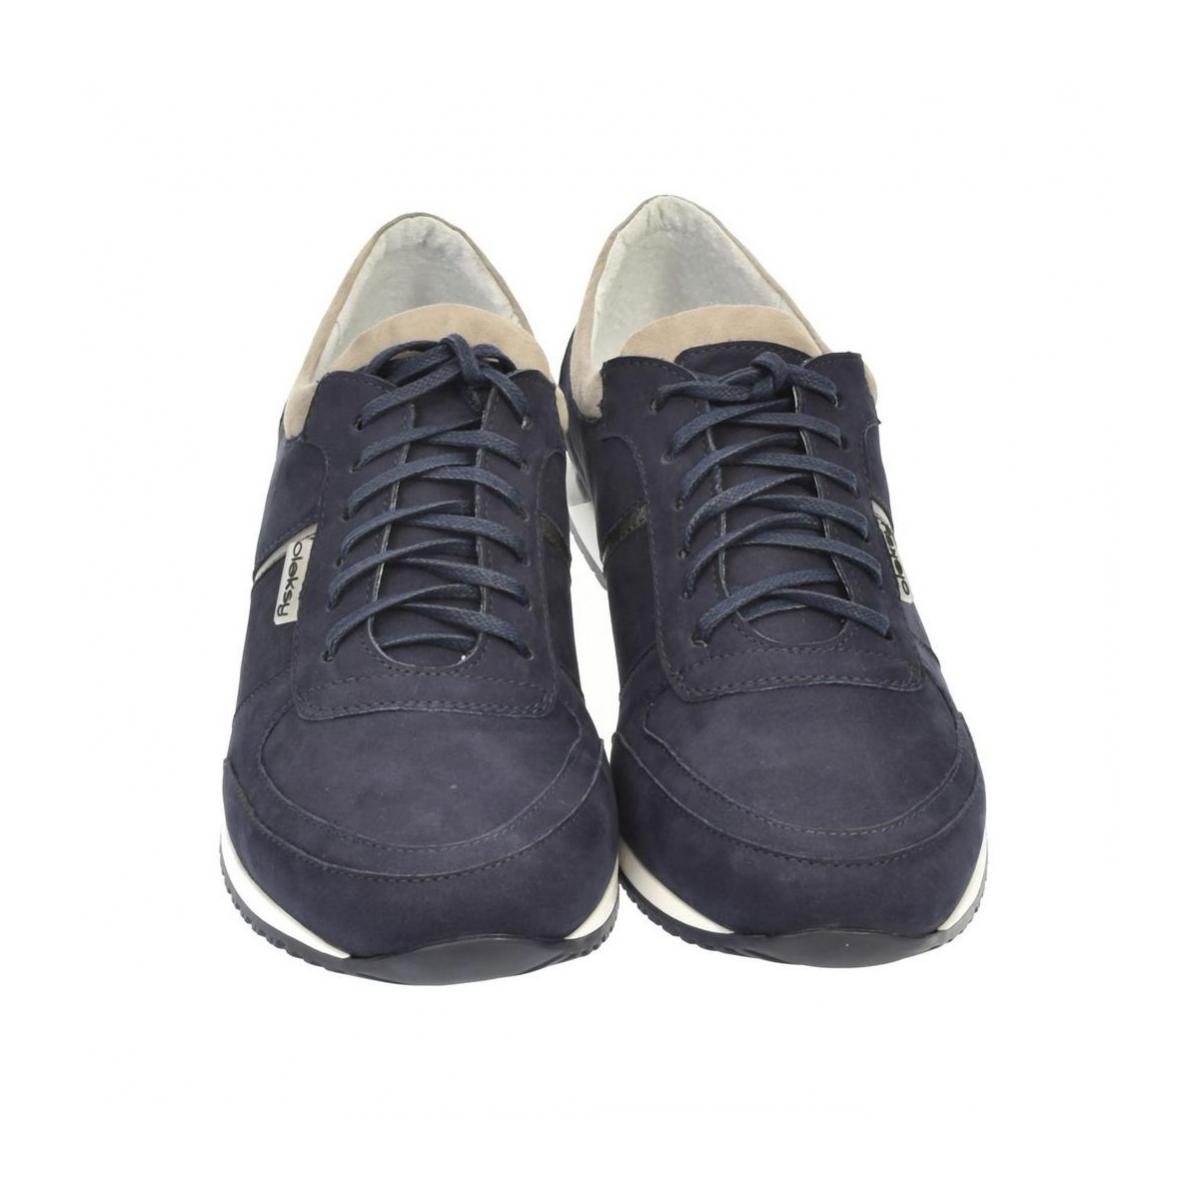 8e36e35fb6 Pánske kožené modré tenisky BEN - 3